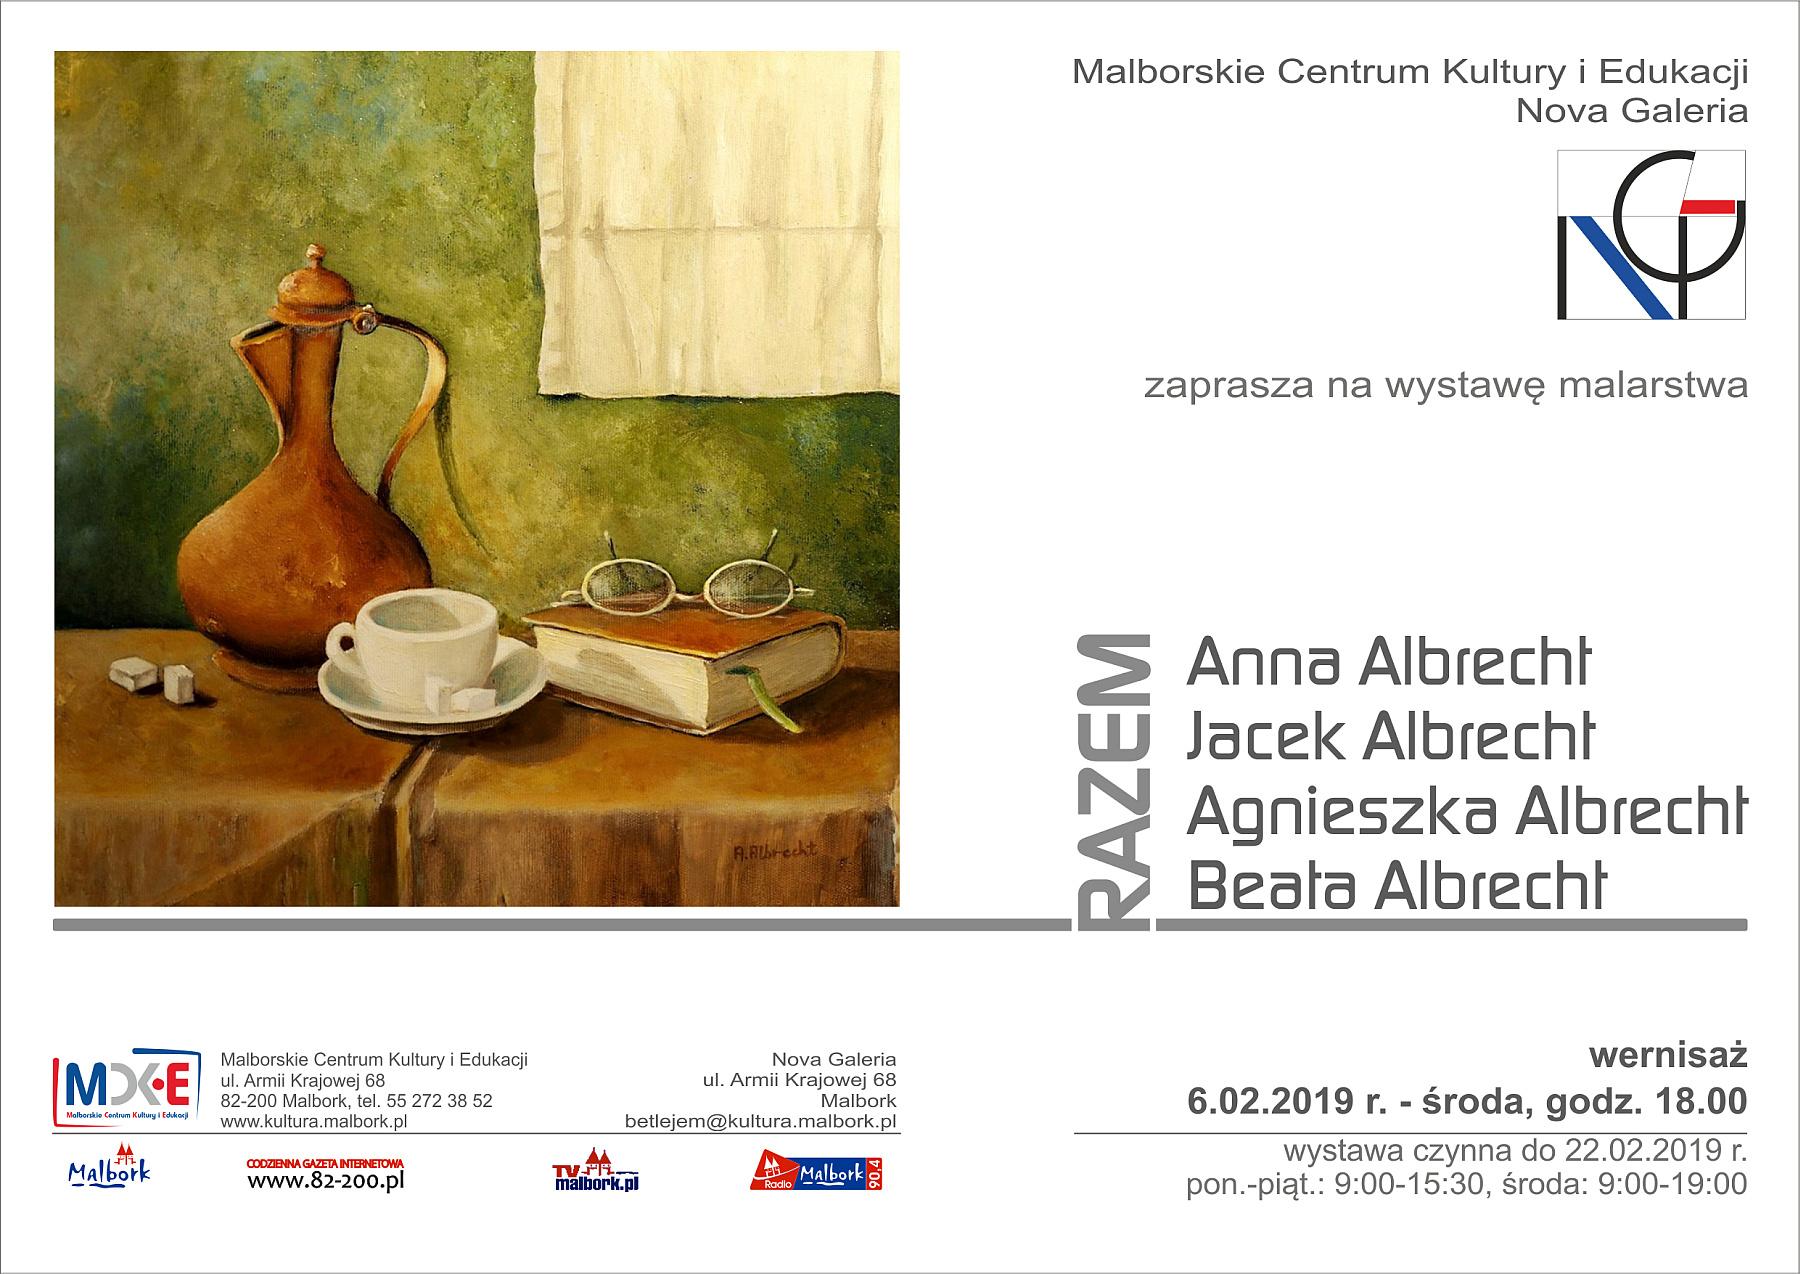 http://m.82-200.pl/2019/01/orig/zaproszeniea-j-a-b-albrechtstr2a-4100.jpg